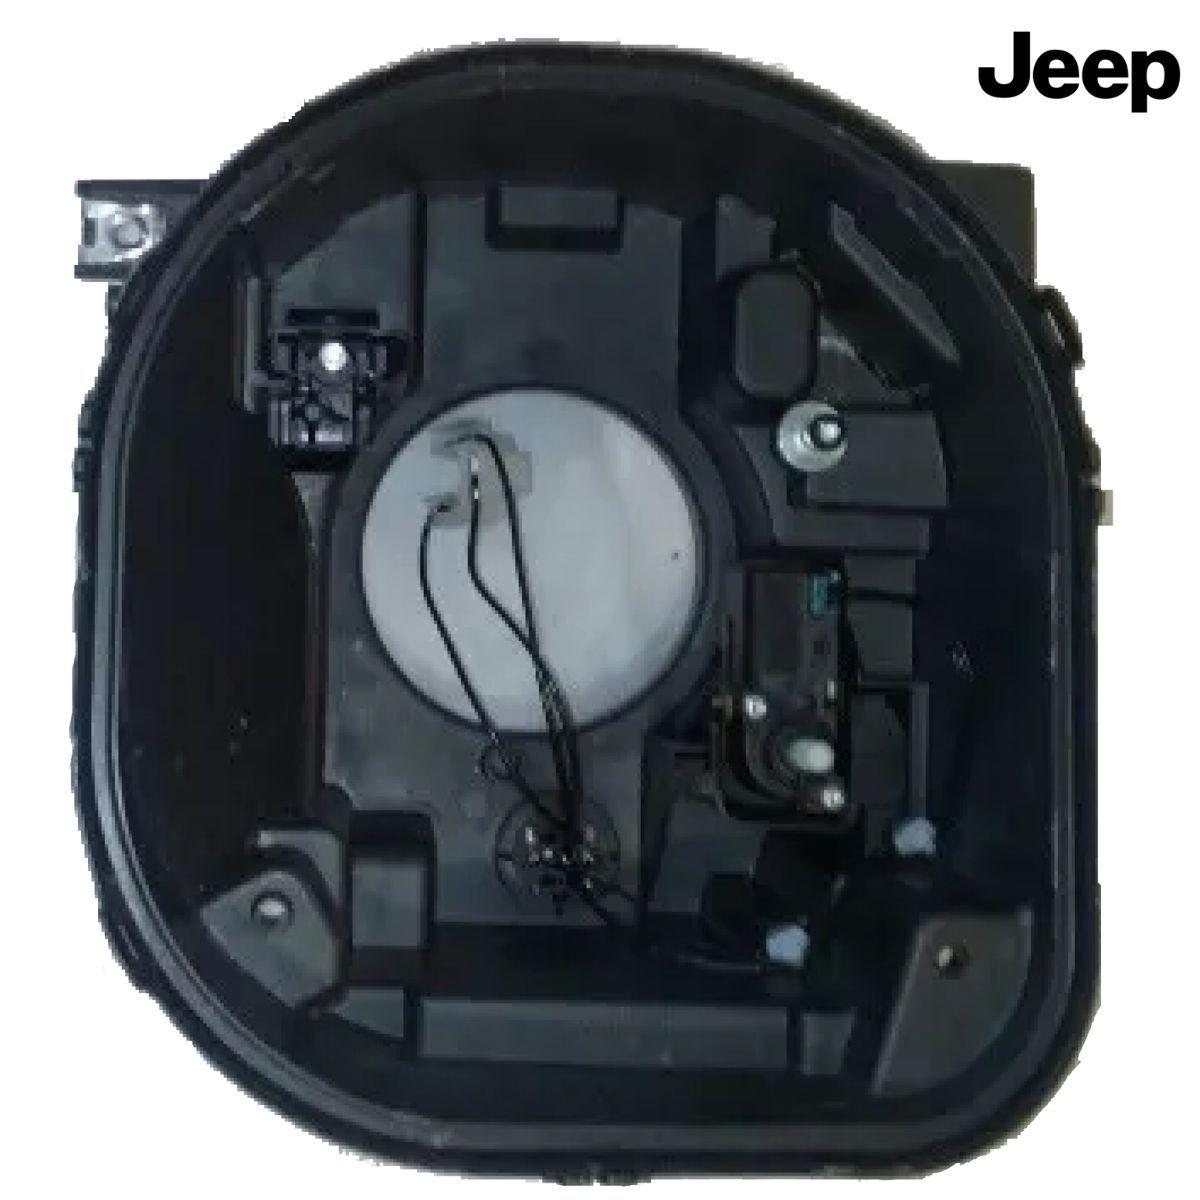 Par De Carcaça Farol Dianteiro Jeep Renegade 2015 A 2018 Original Marelli USADA - DIREITO E ESQUERDO